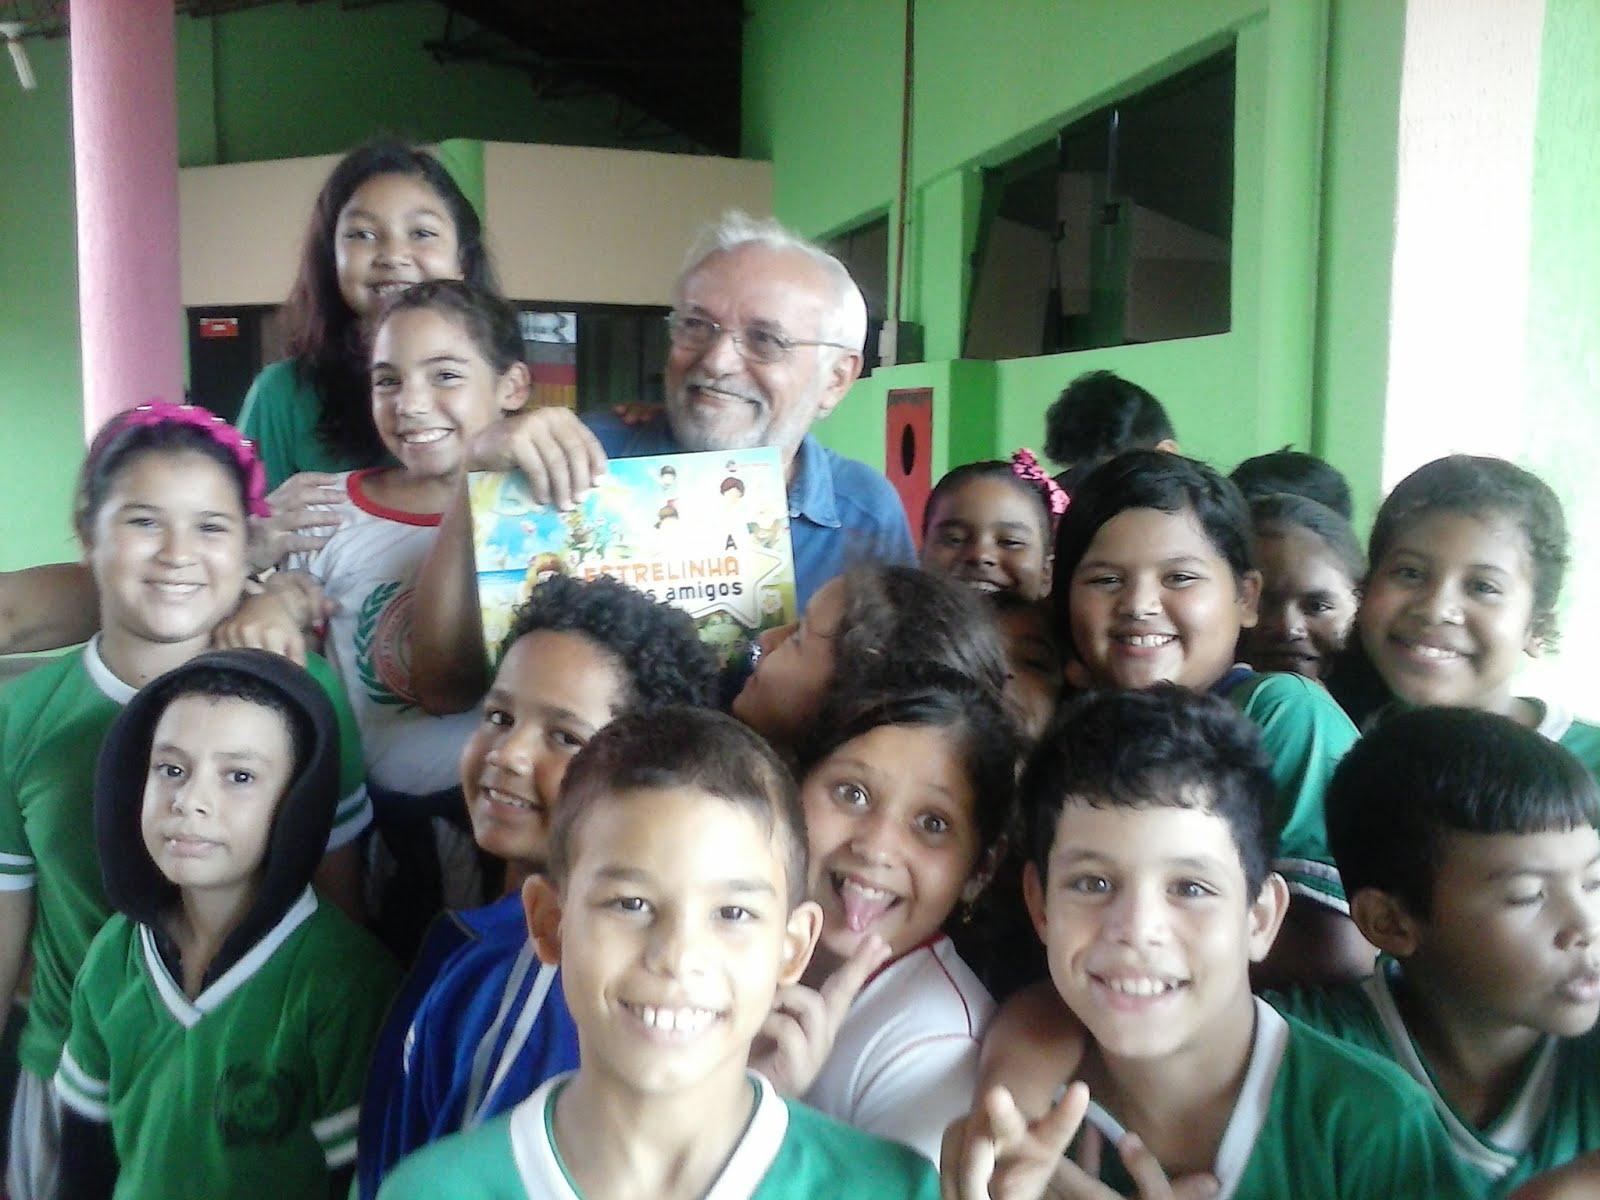 O poeta exibe seu livro infantil para as crianças na biblioteca pública, em Porto Velho